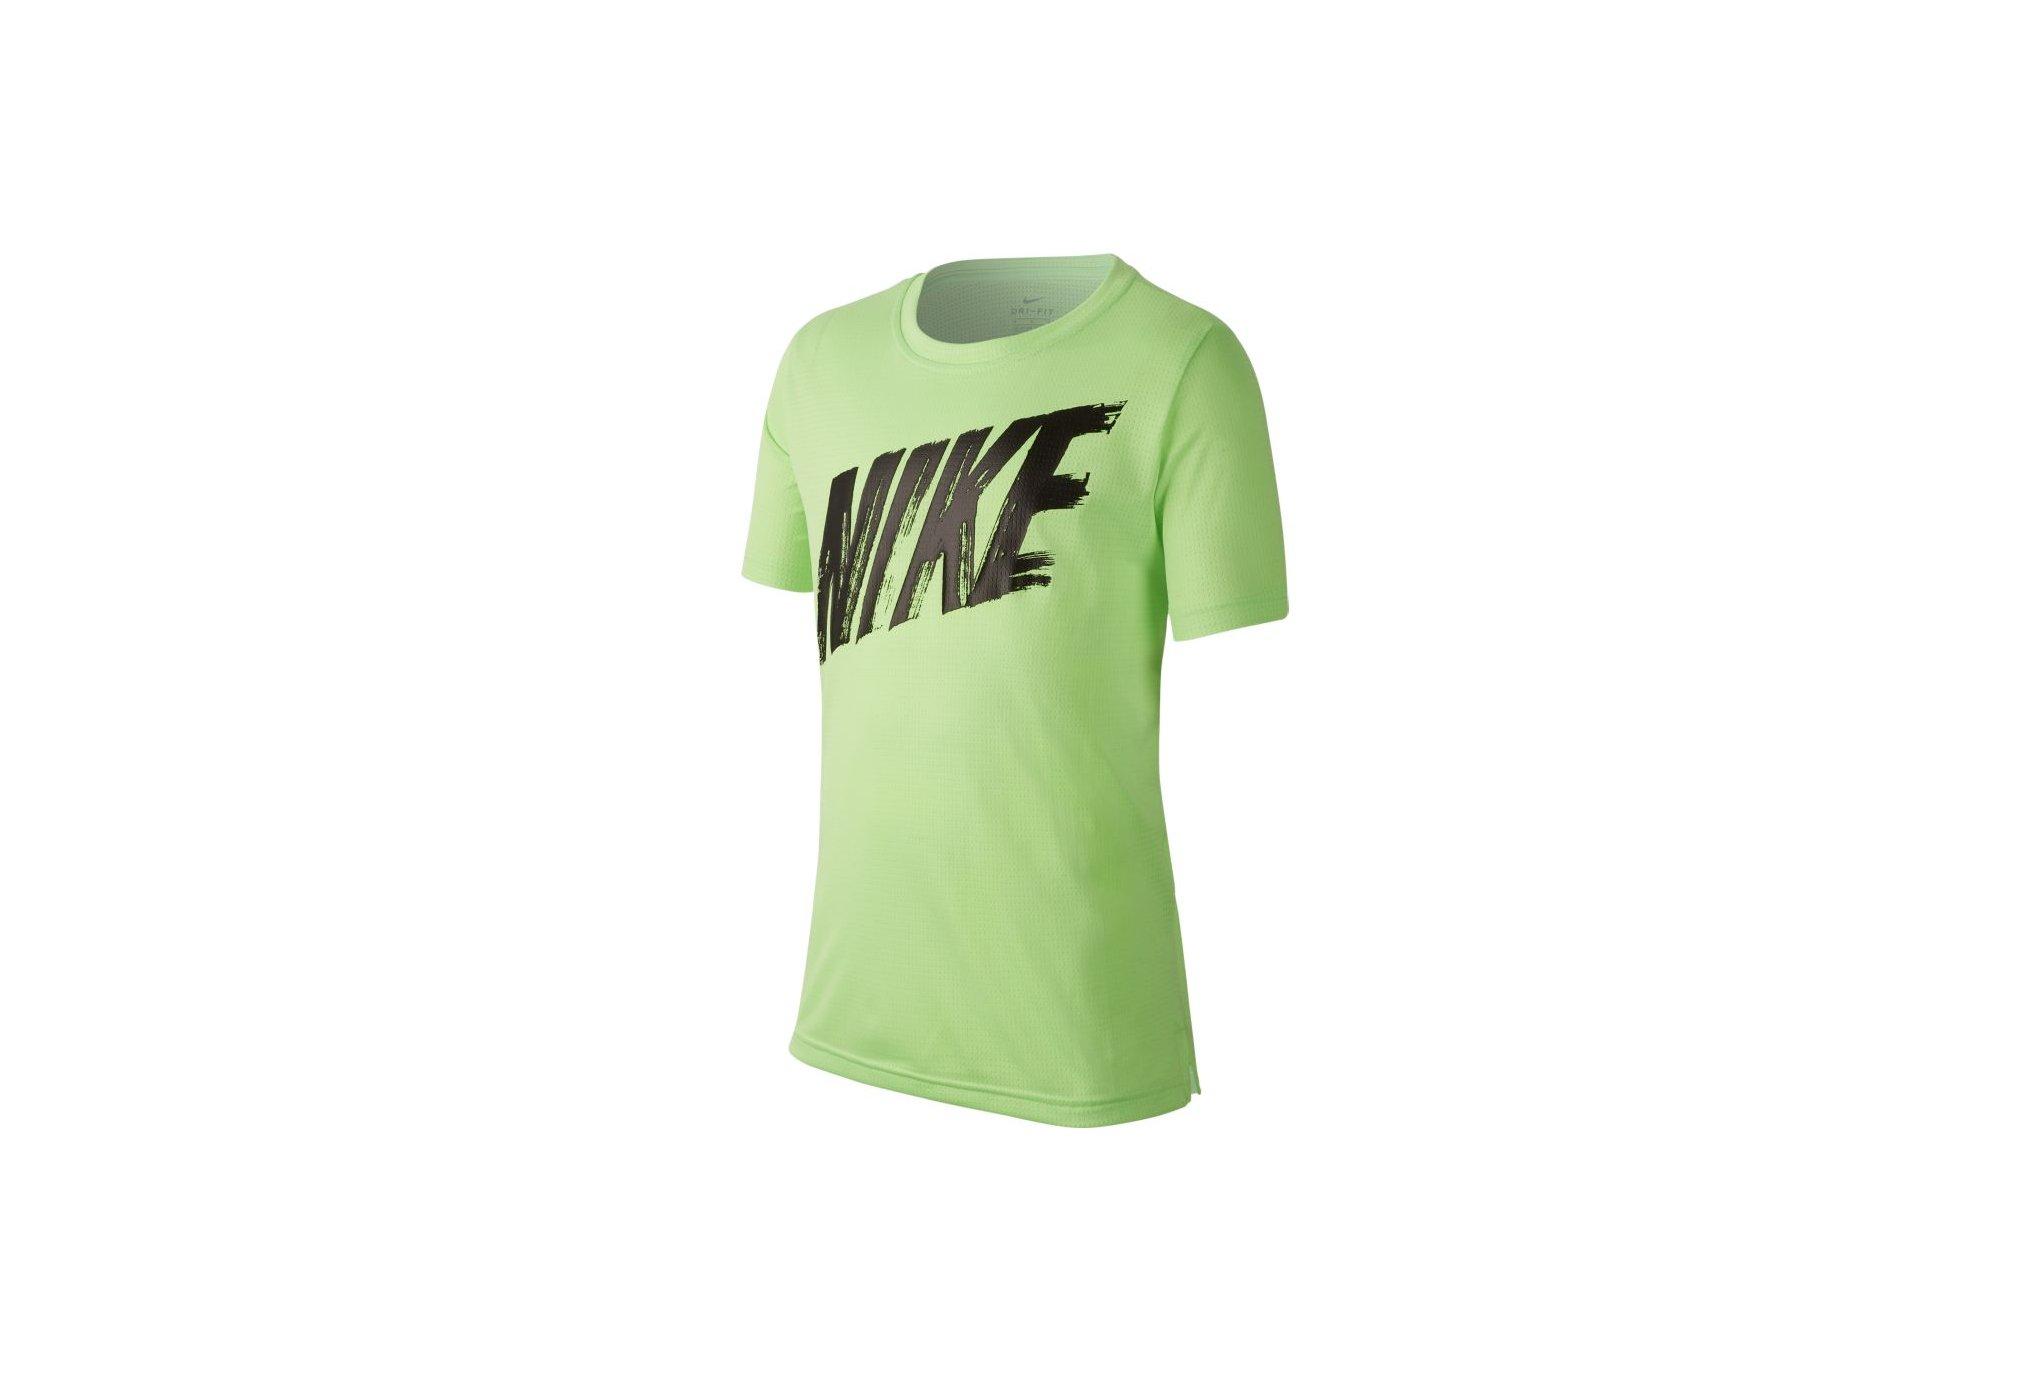 Nike Top Junior Diététique Vêtements homme